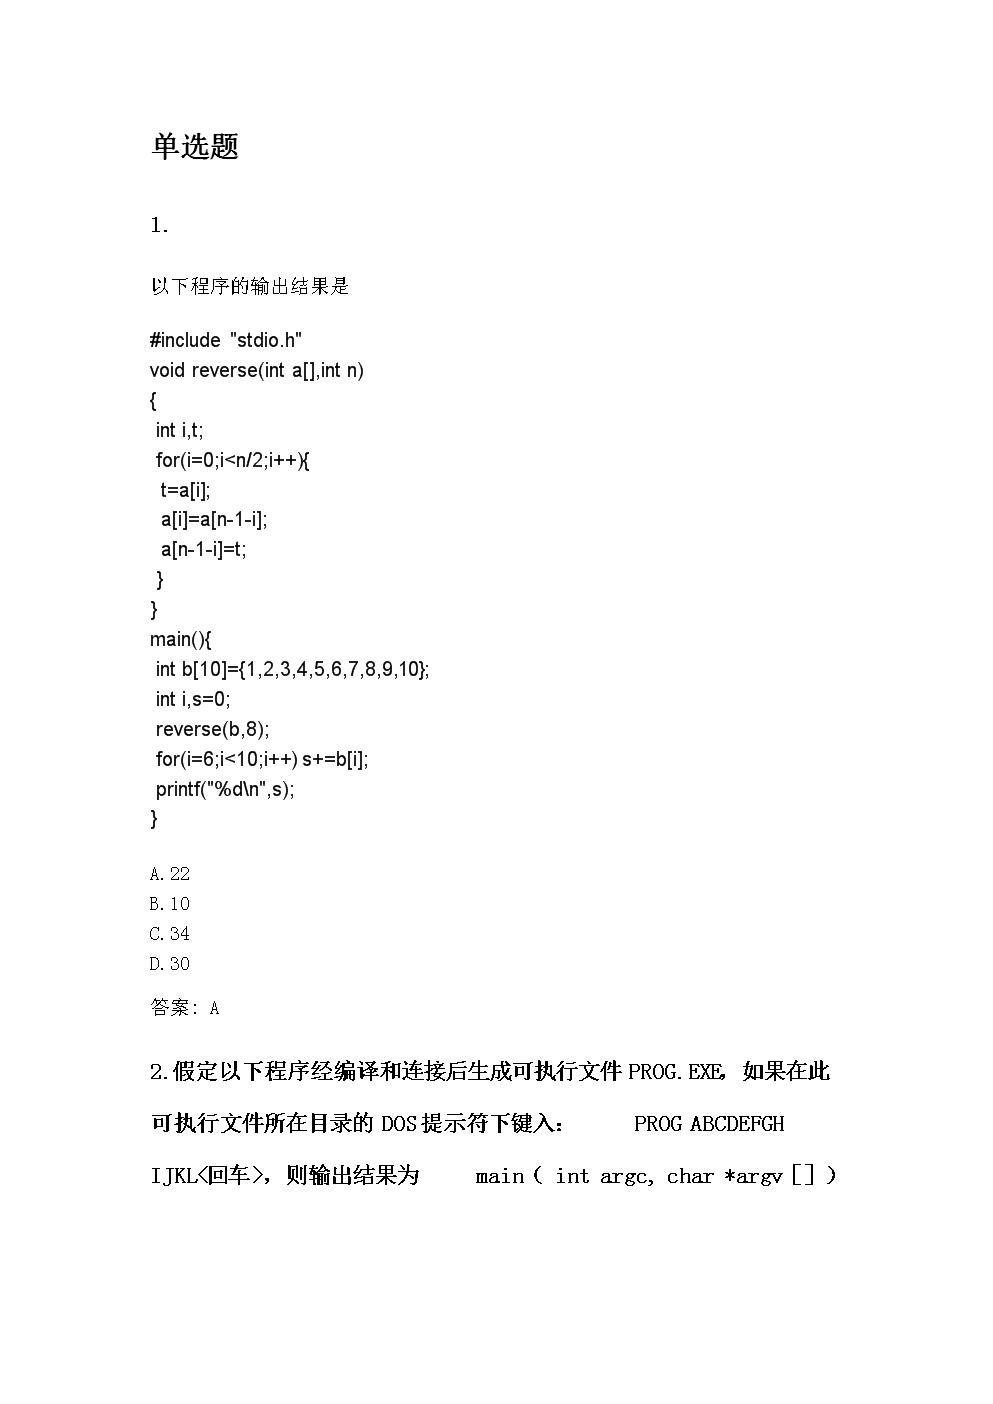 奥鹏吉林大学2020年9月《C语言程序设计》考前练兵.doc